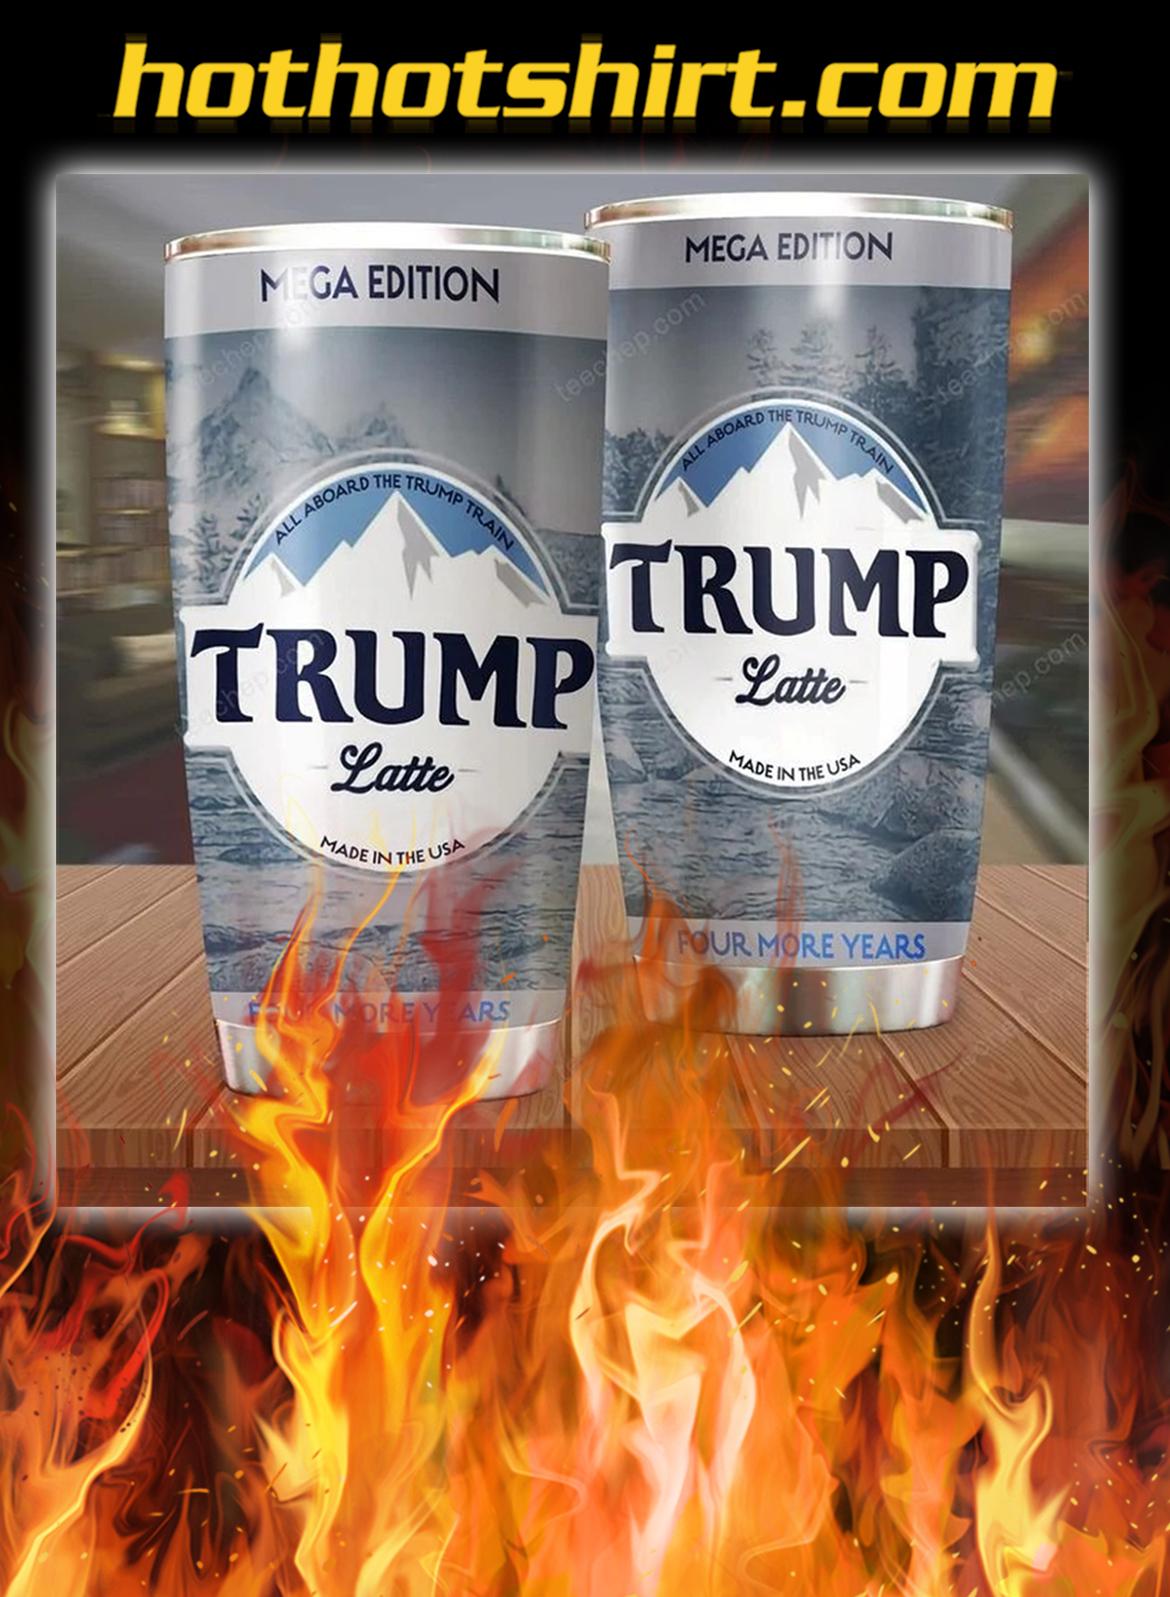 Trump latte tumbler - 20oz